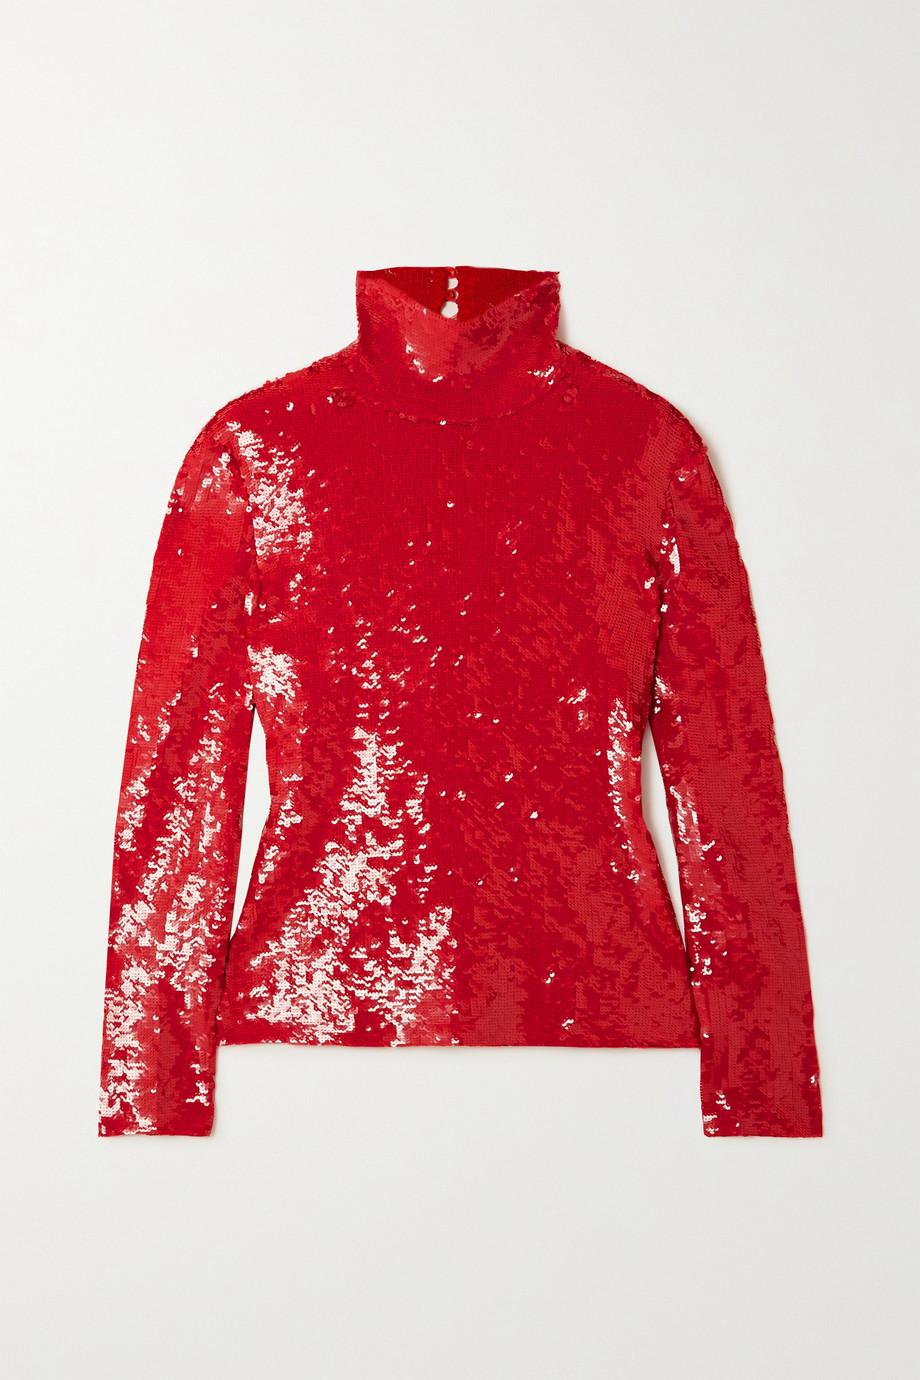 Valentino Haut à col montant en coton mélangé à sequins